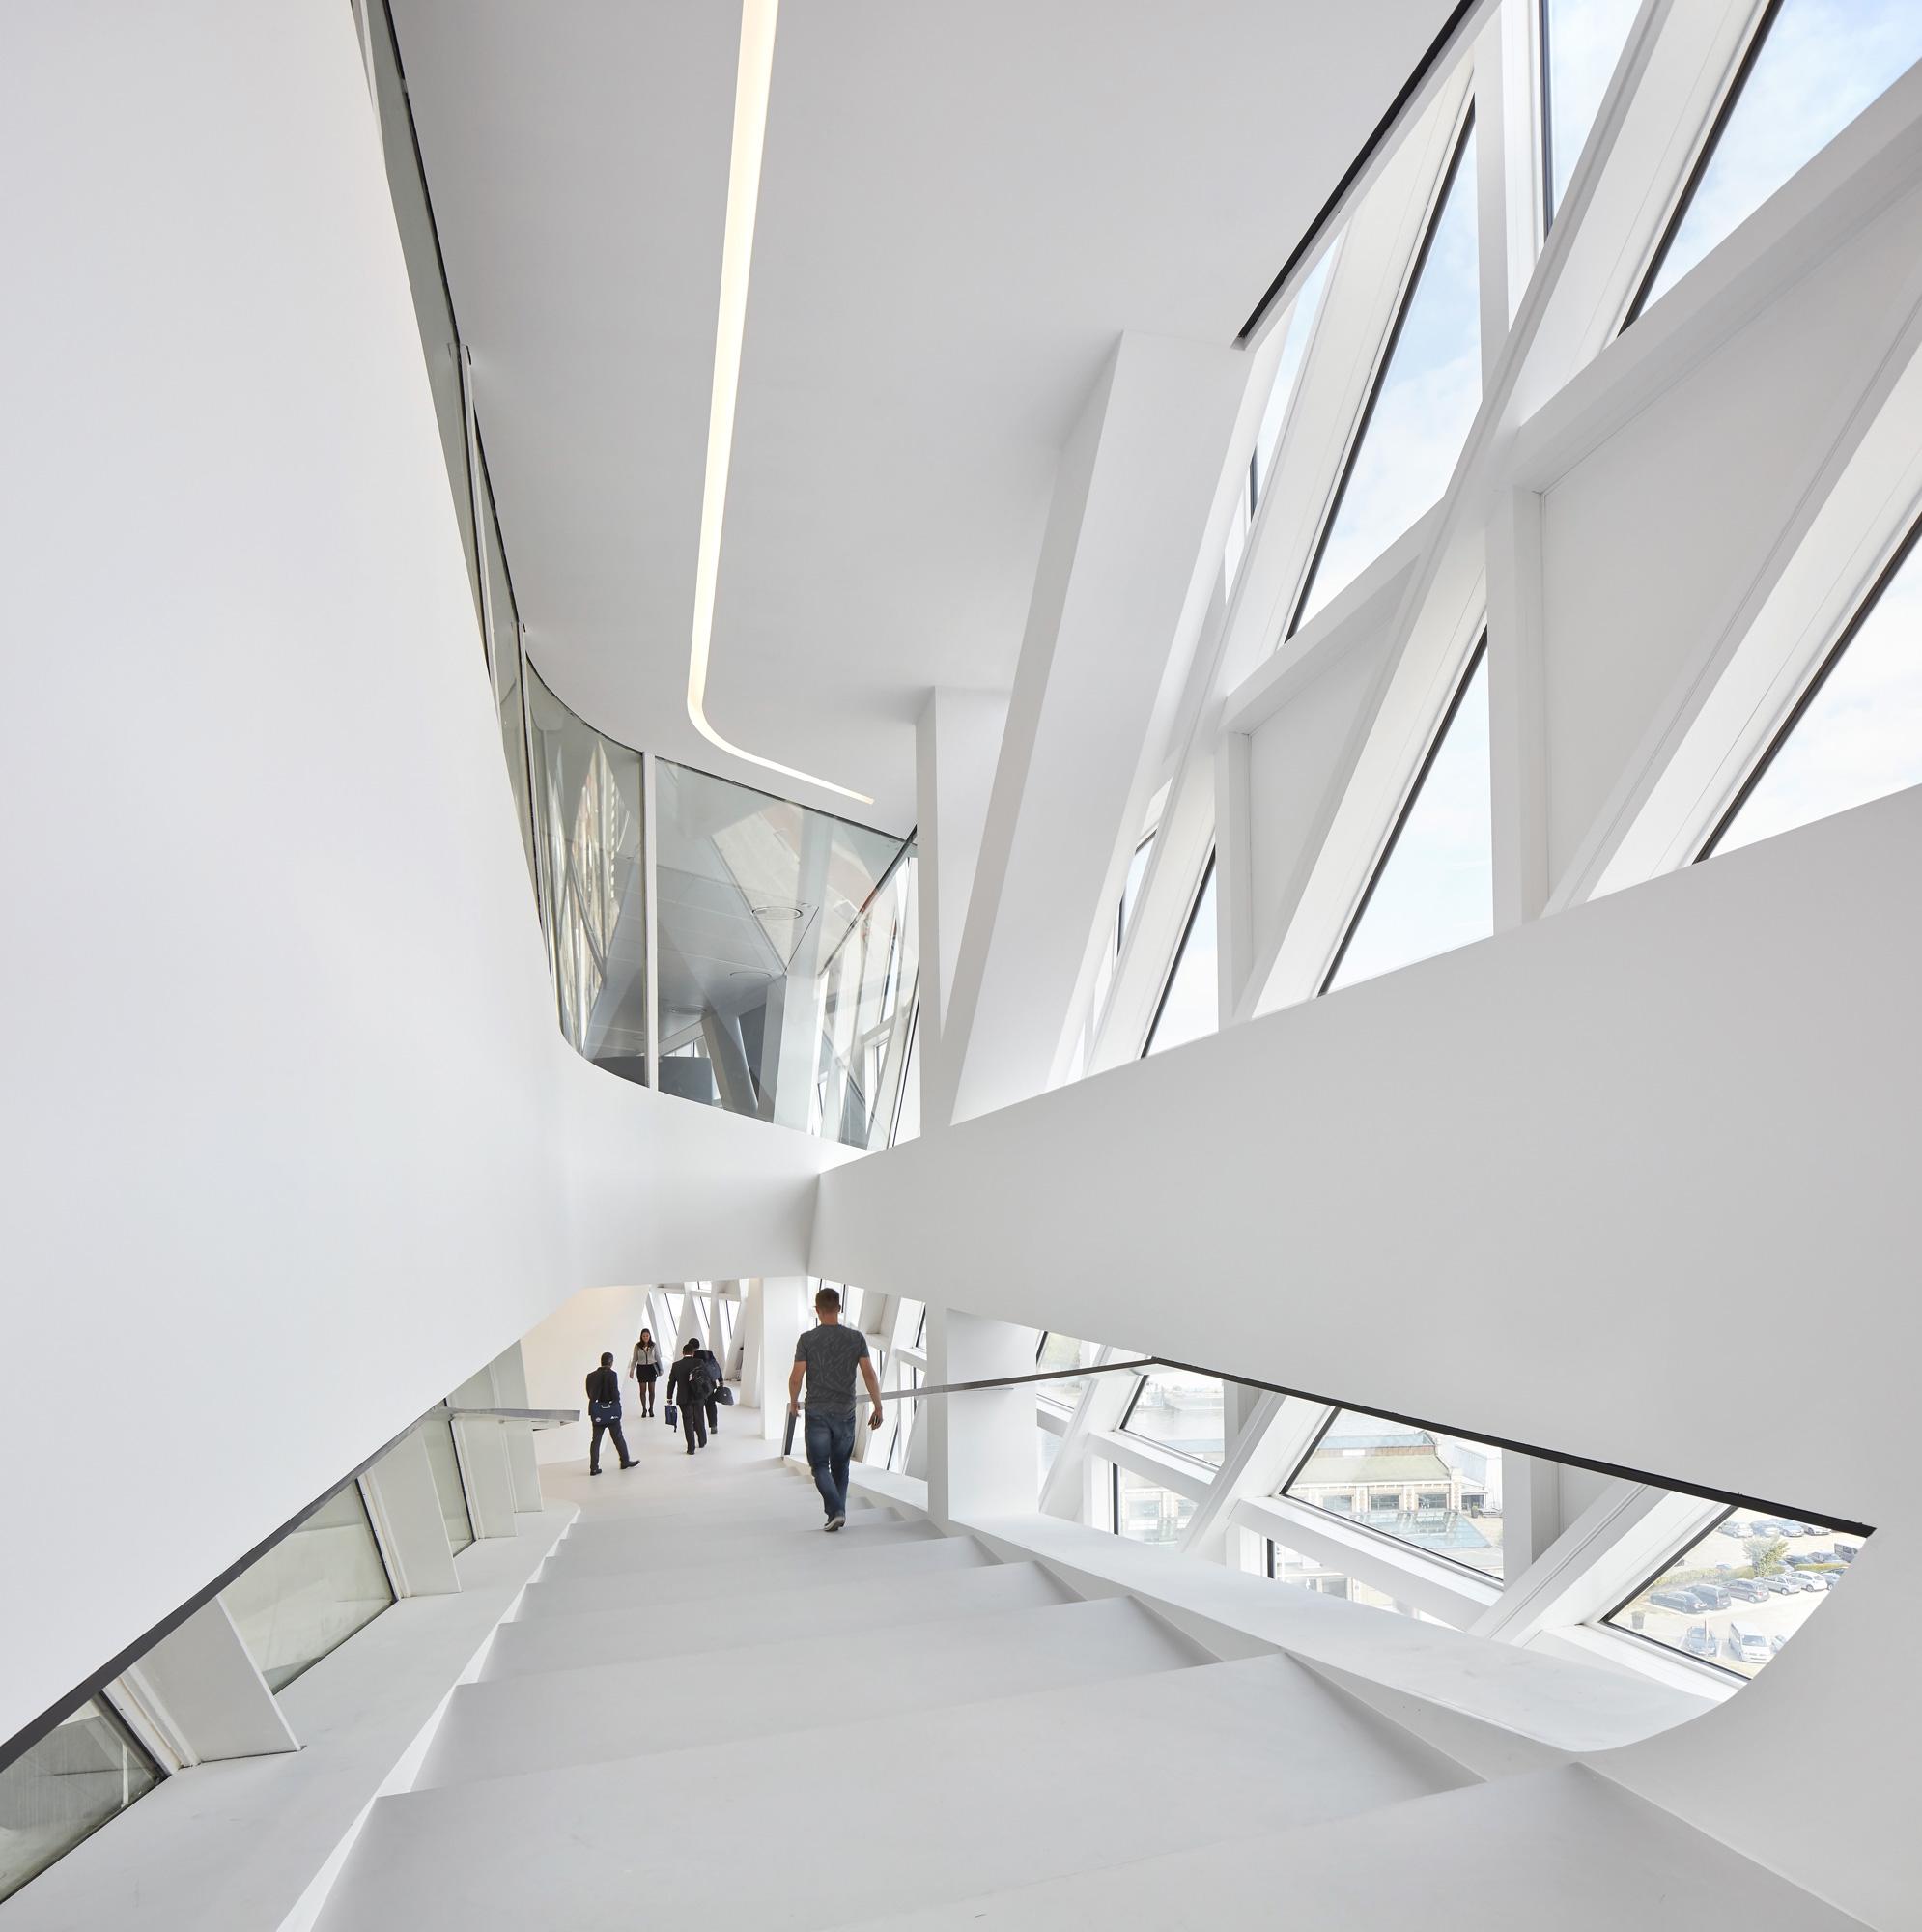 La nuova Port House, Zaha Hadid Architects © Hufton + Crow